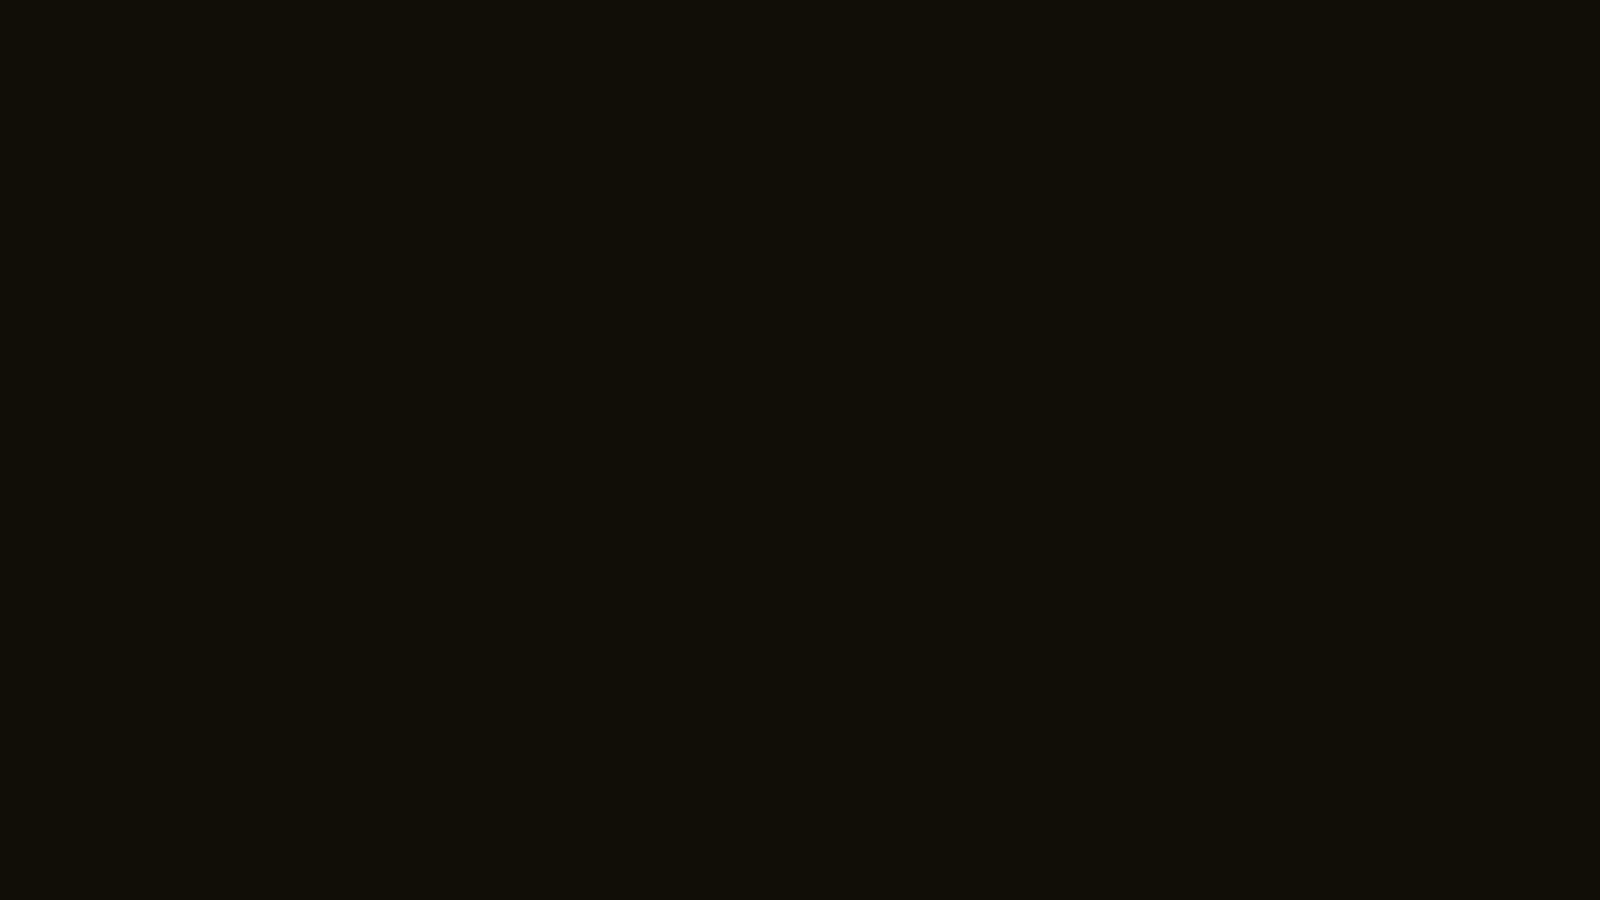 1600x900 black desktop wallpaper - photo #8